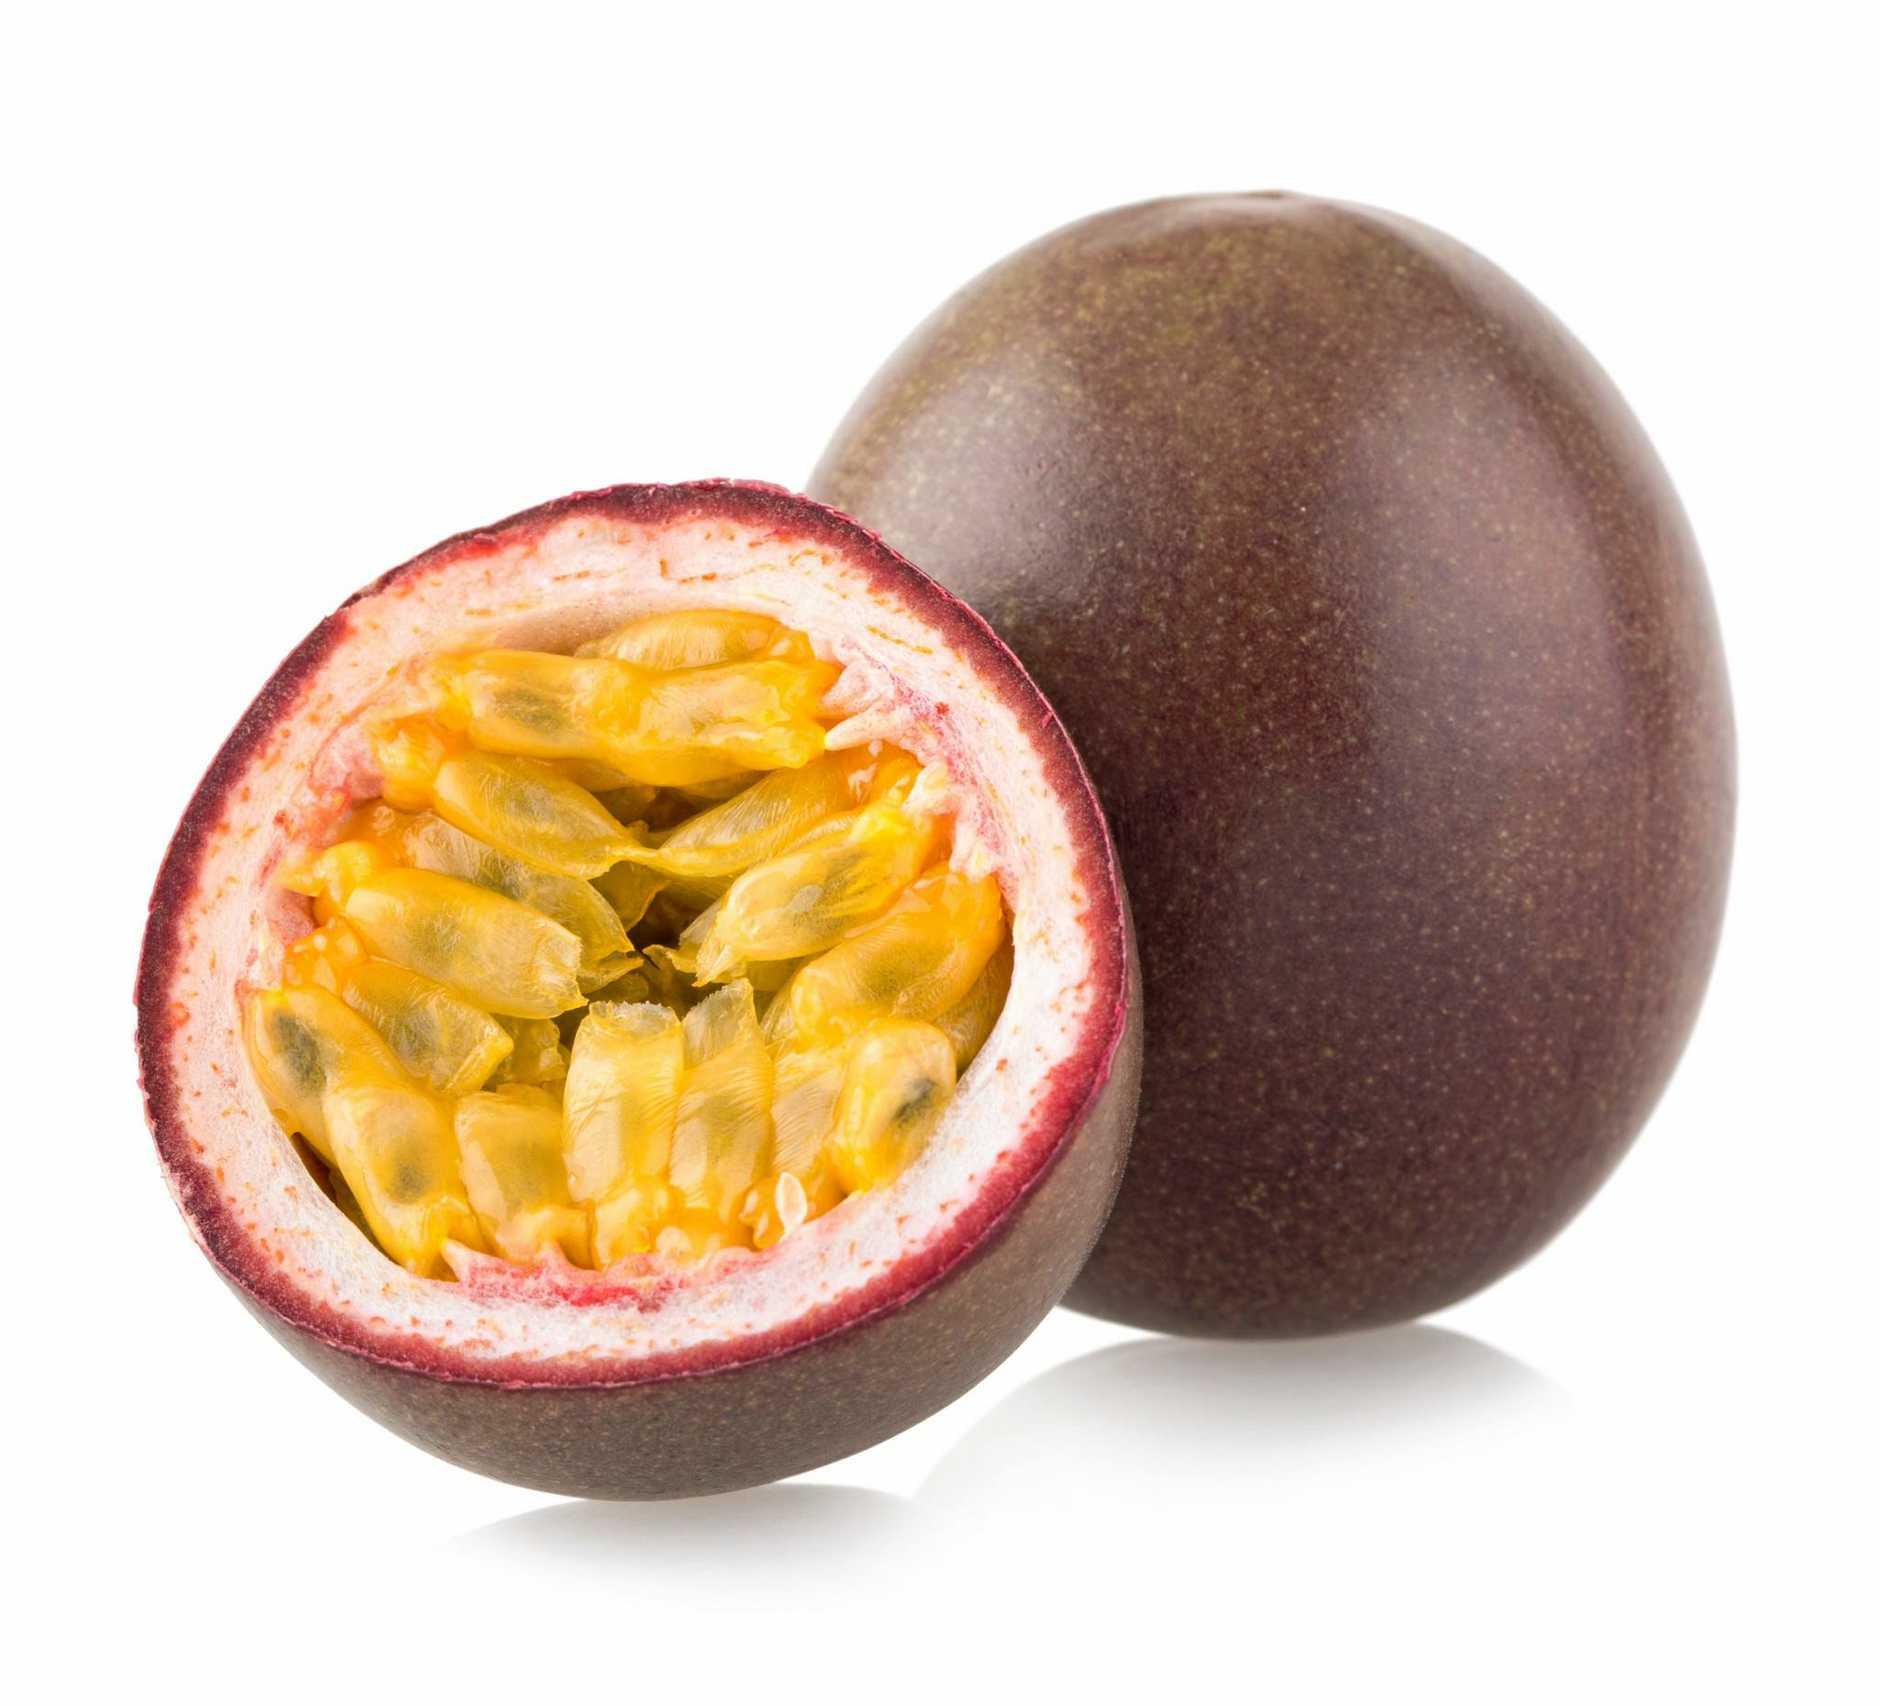 Ripe passionfruit.